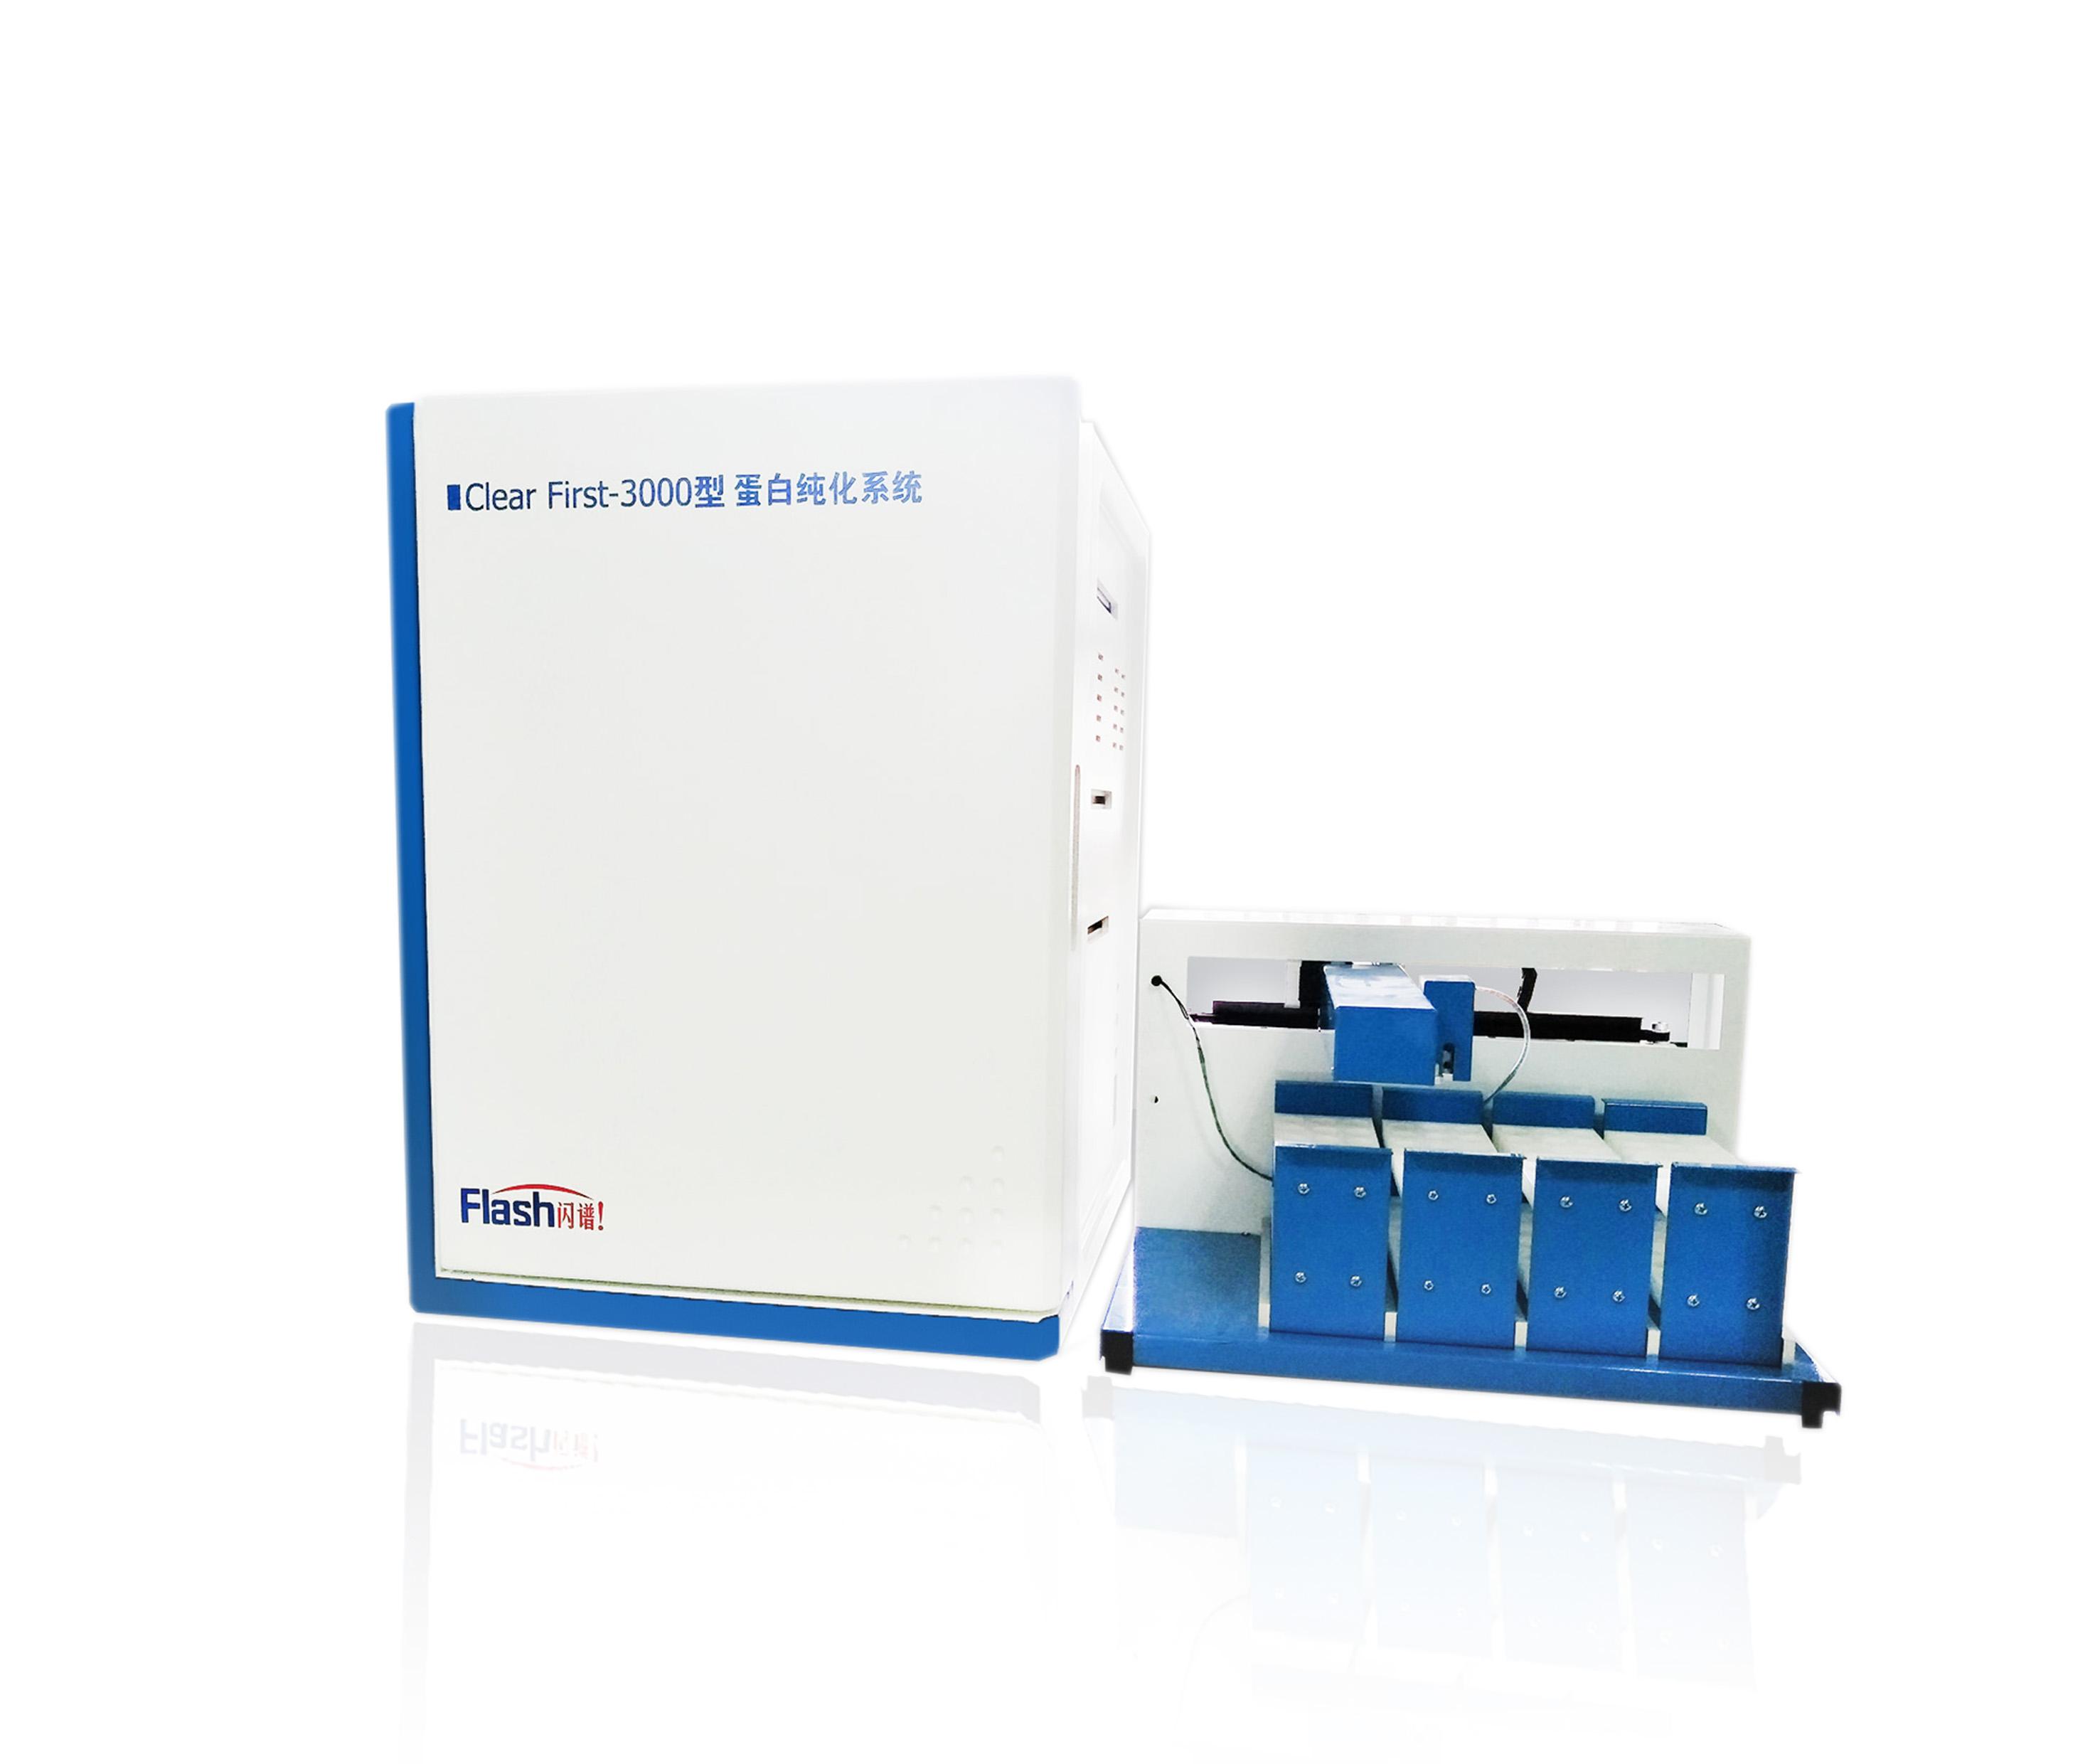 ClearFirst-3000型蛋白純化系統